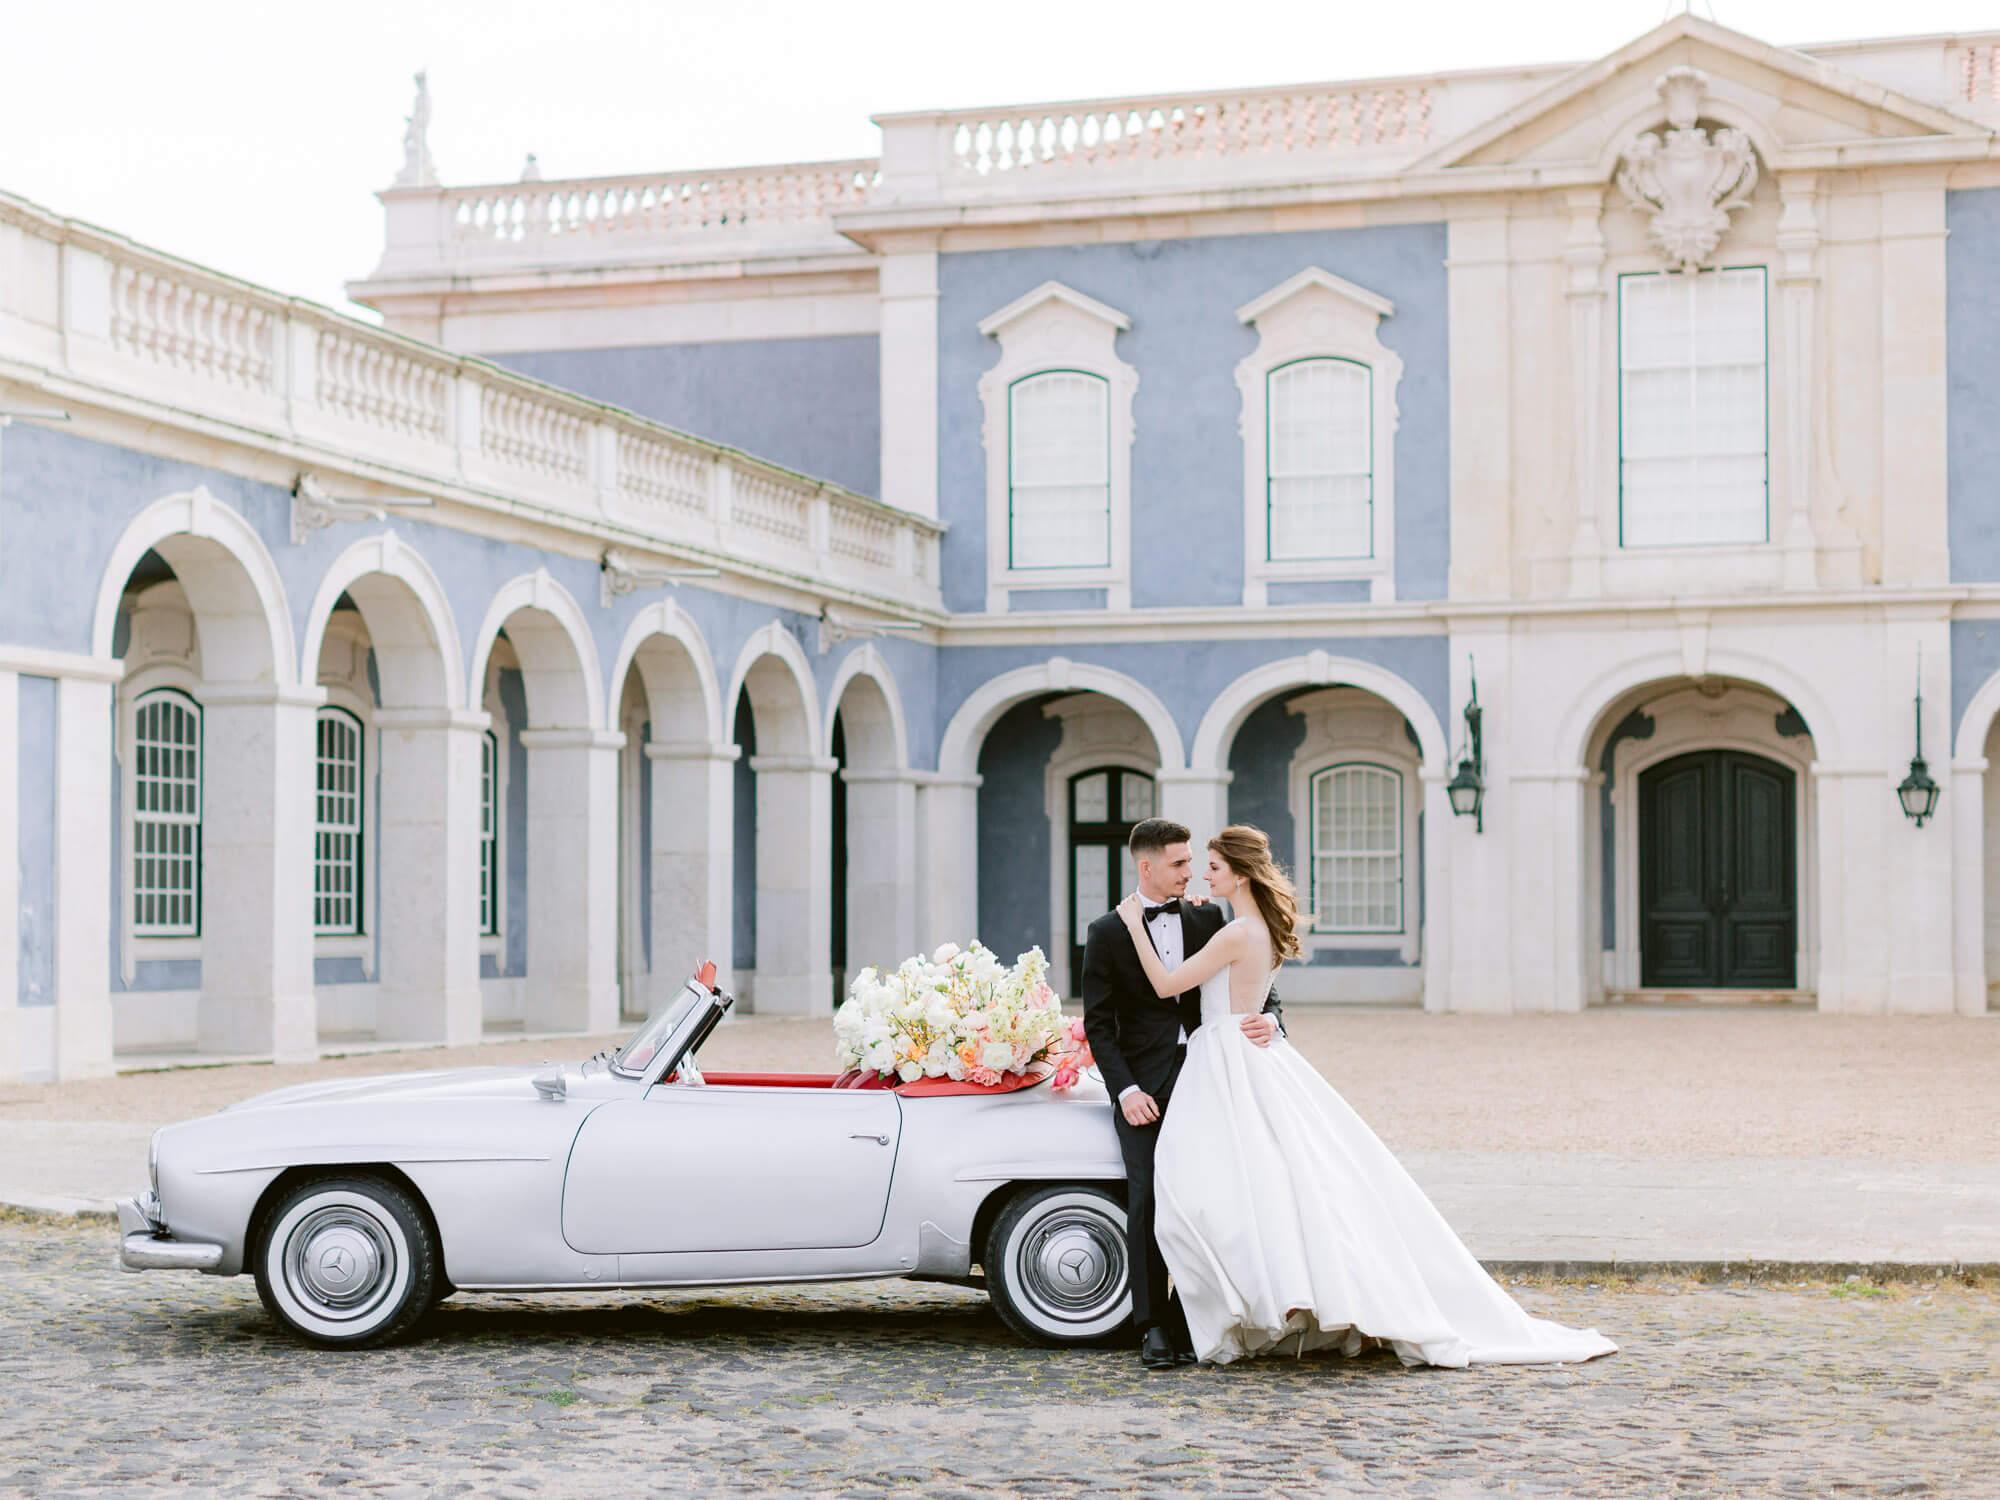 beautiful bride and groom, vintage car and Palacio de Queluz facade by Portugal Wedding Photographer